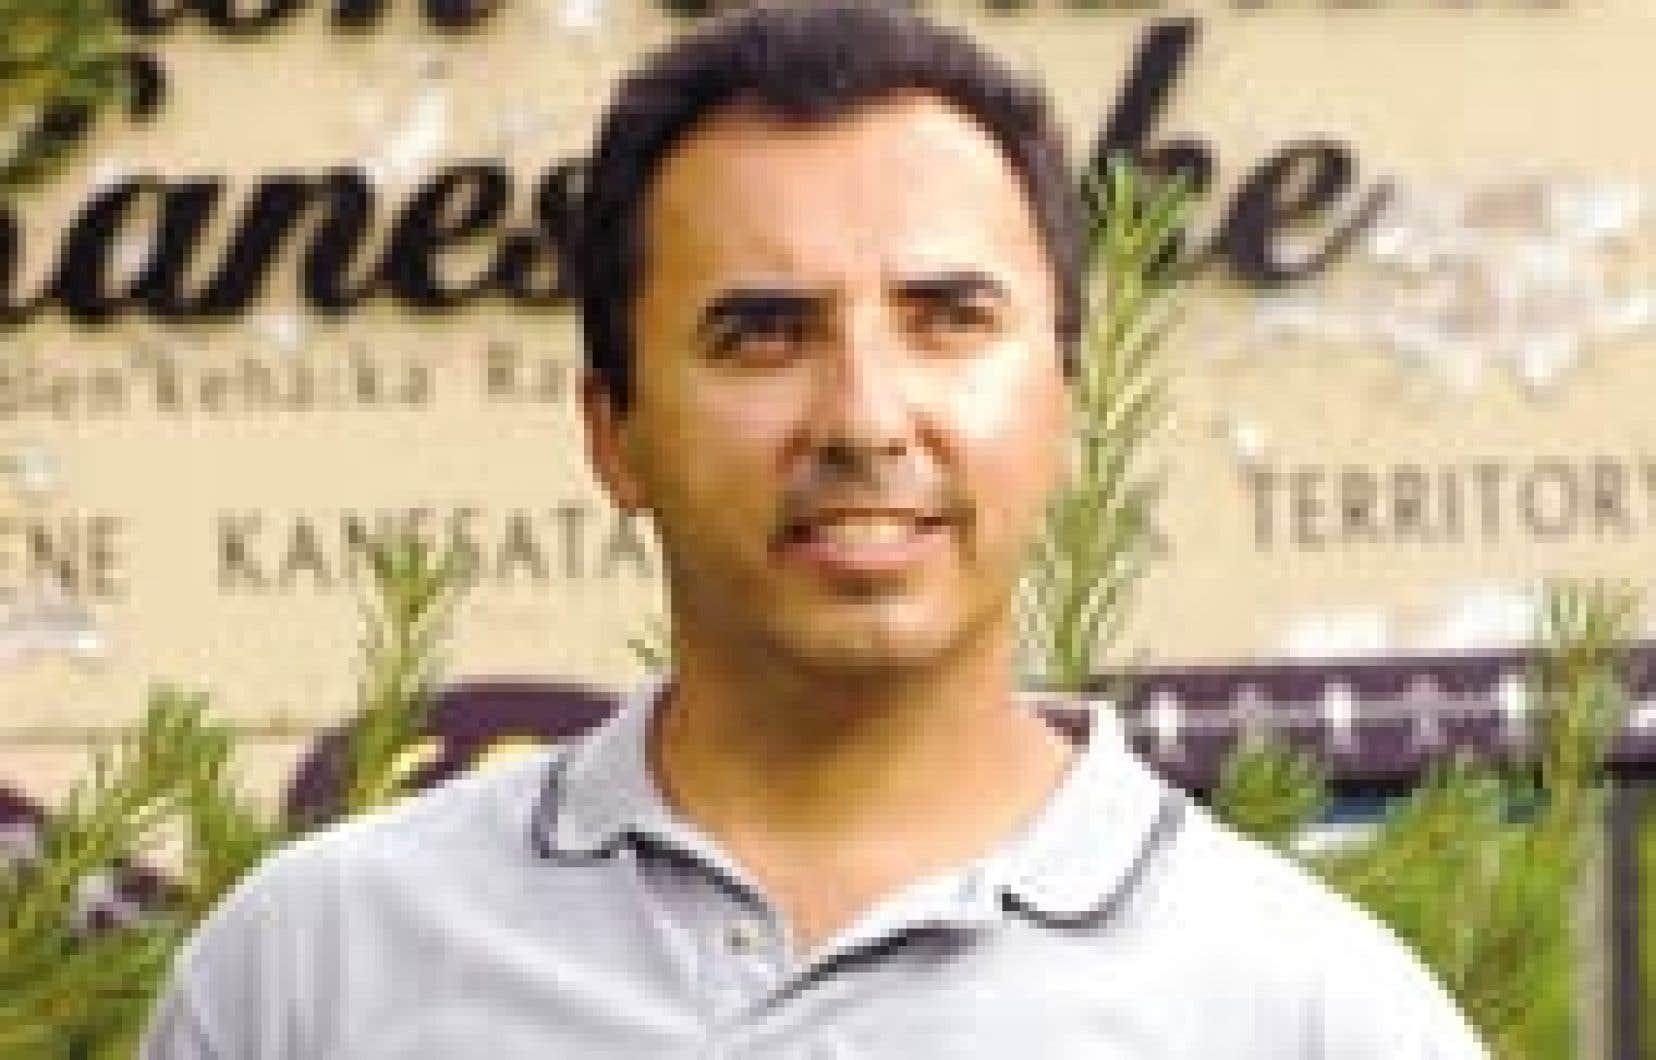 Steven Bonspille a été élu en fin de semaine grand chef de la communauté de Kanesatake. Il succède à James Gabriel qui, bien que battu par 31 voix, a réussi à faire élire tous les membres de son équipe.